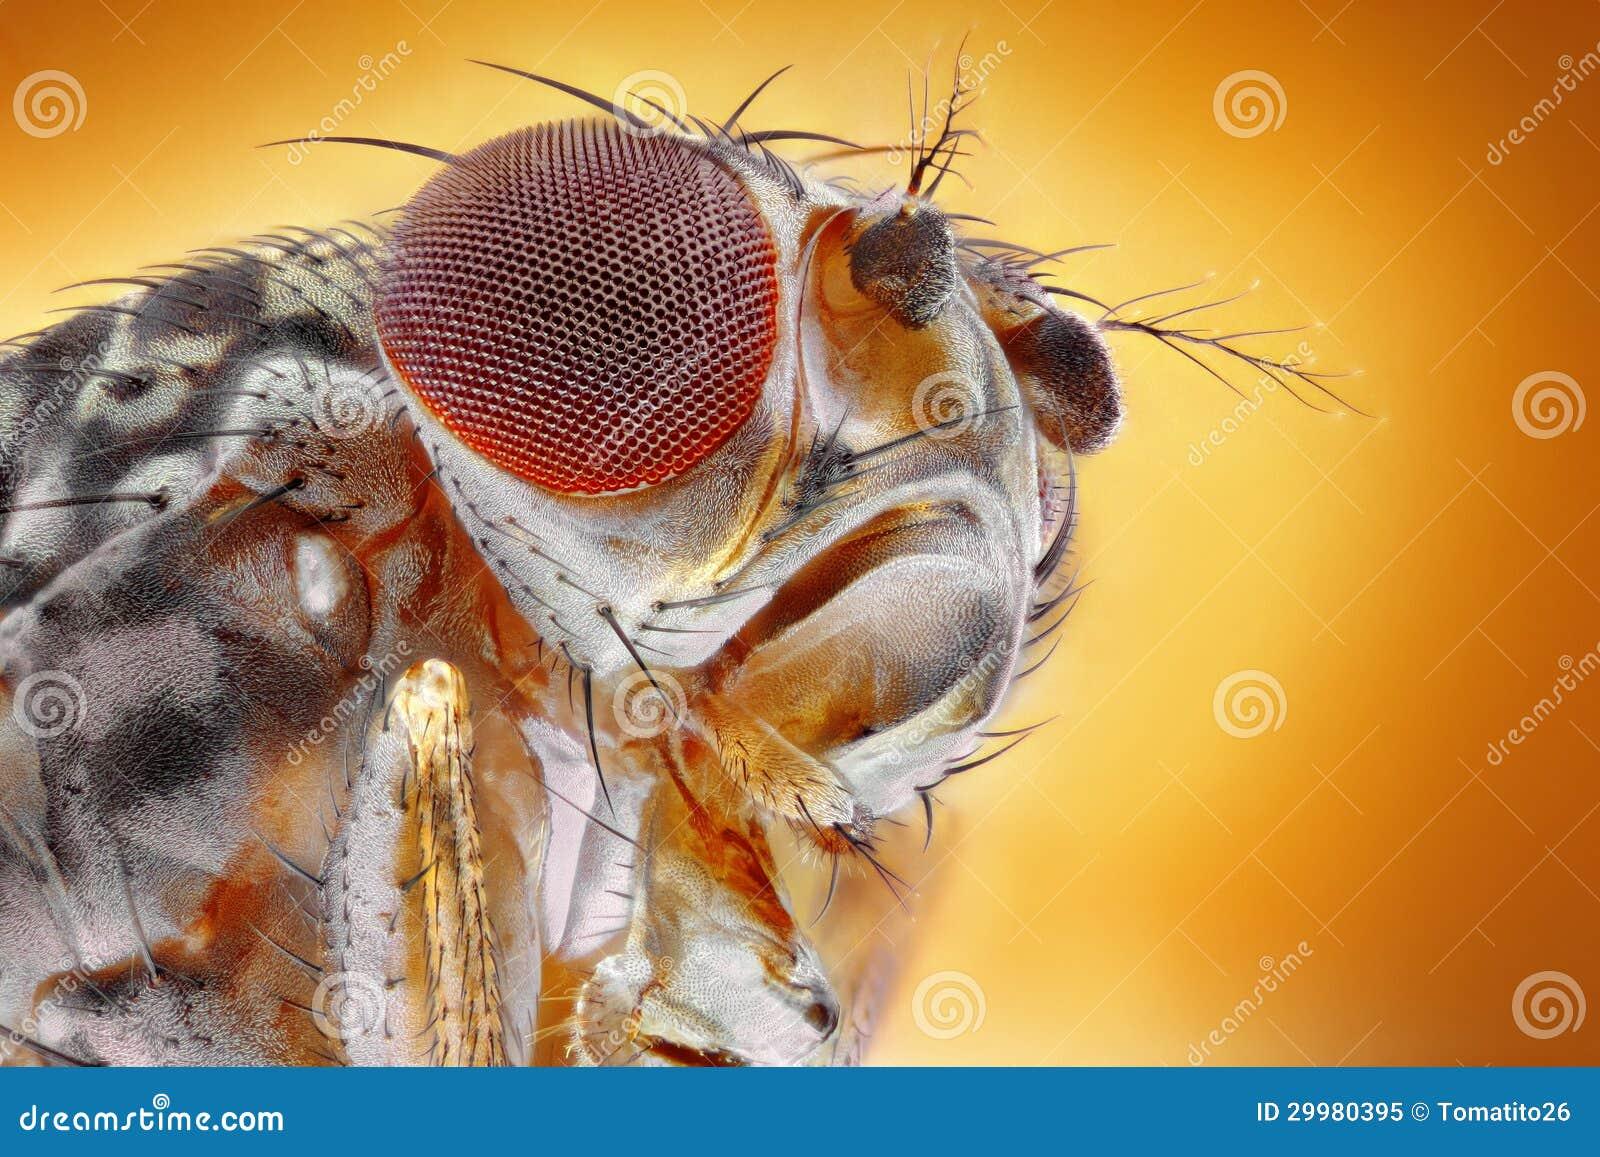 Macro de la mosca del vinagre